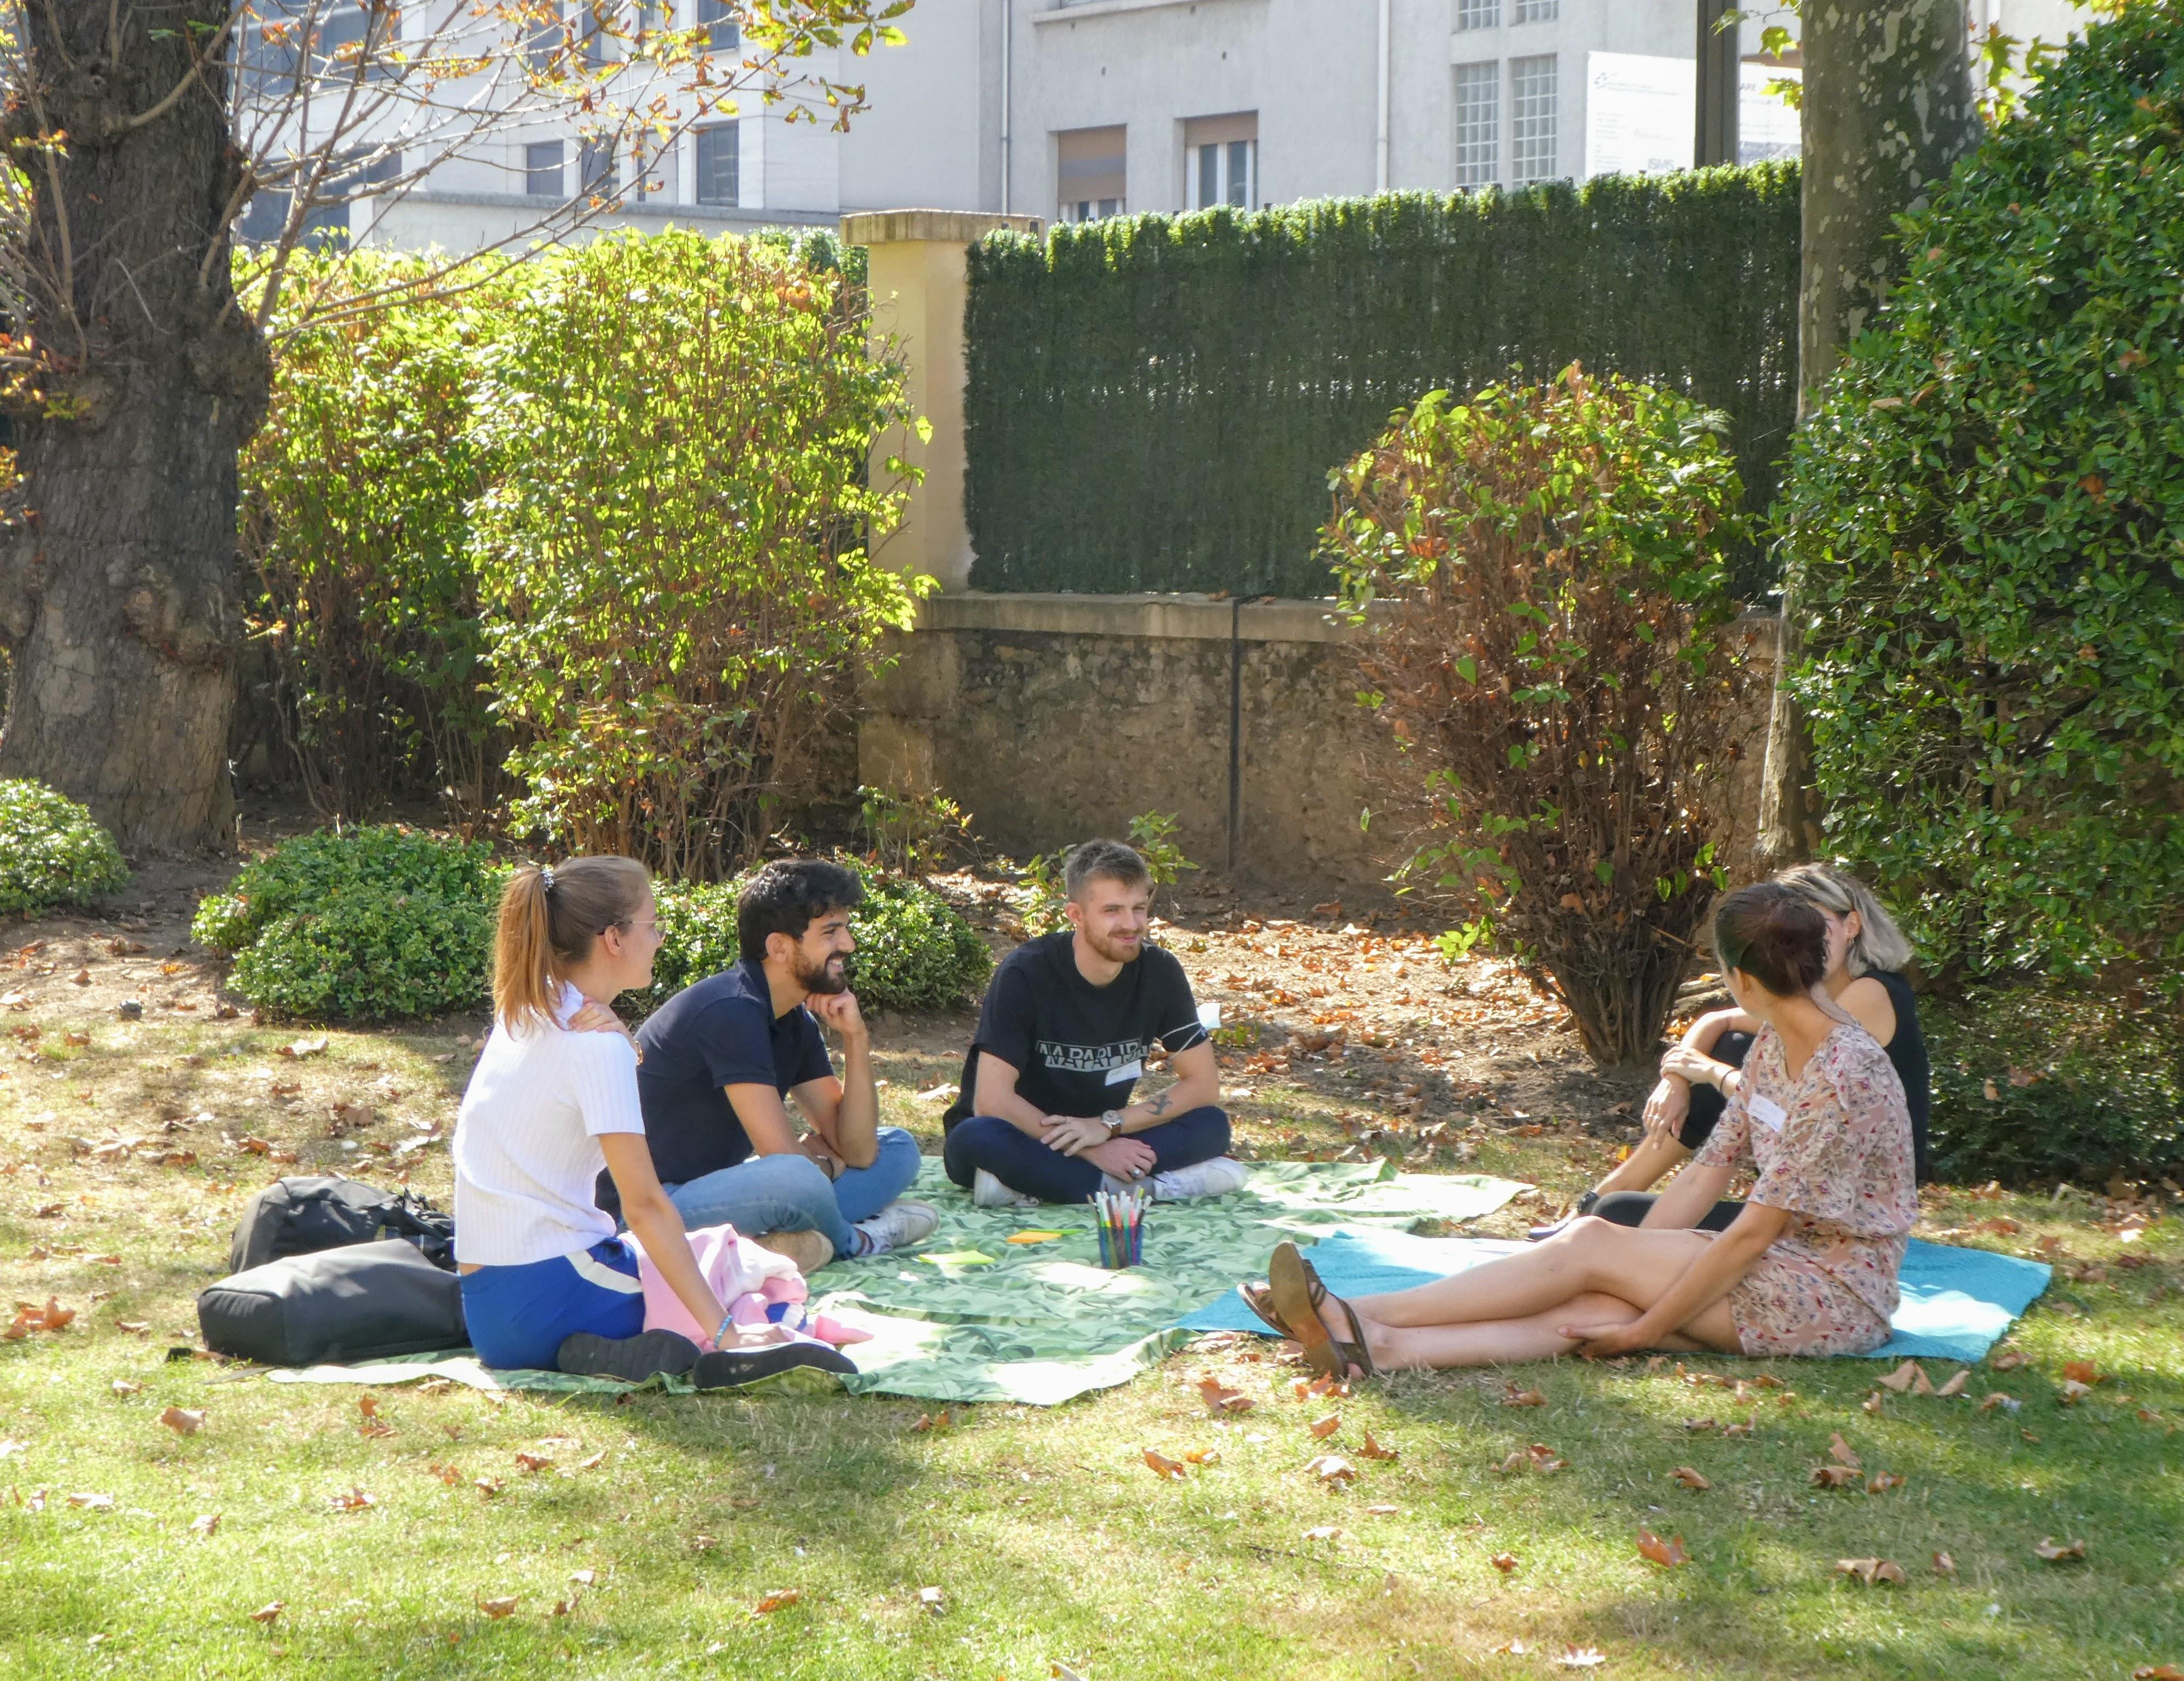 Cinq personnes discutent, assises dans l'herbe. Elles sont souriantes.